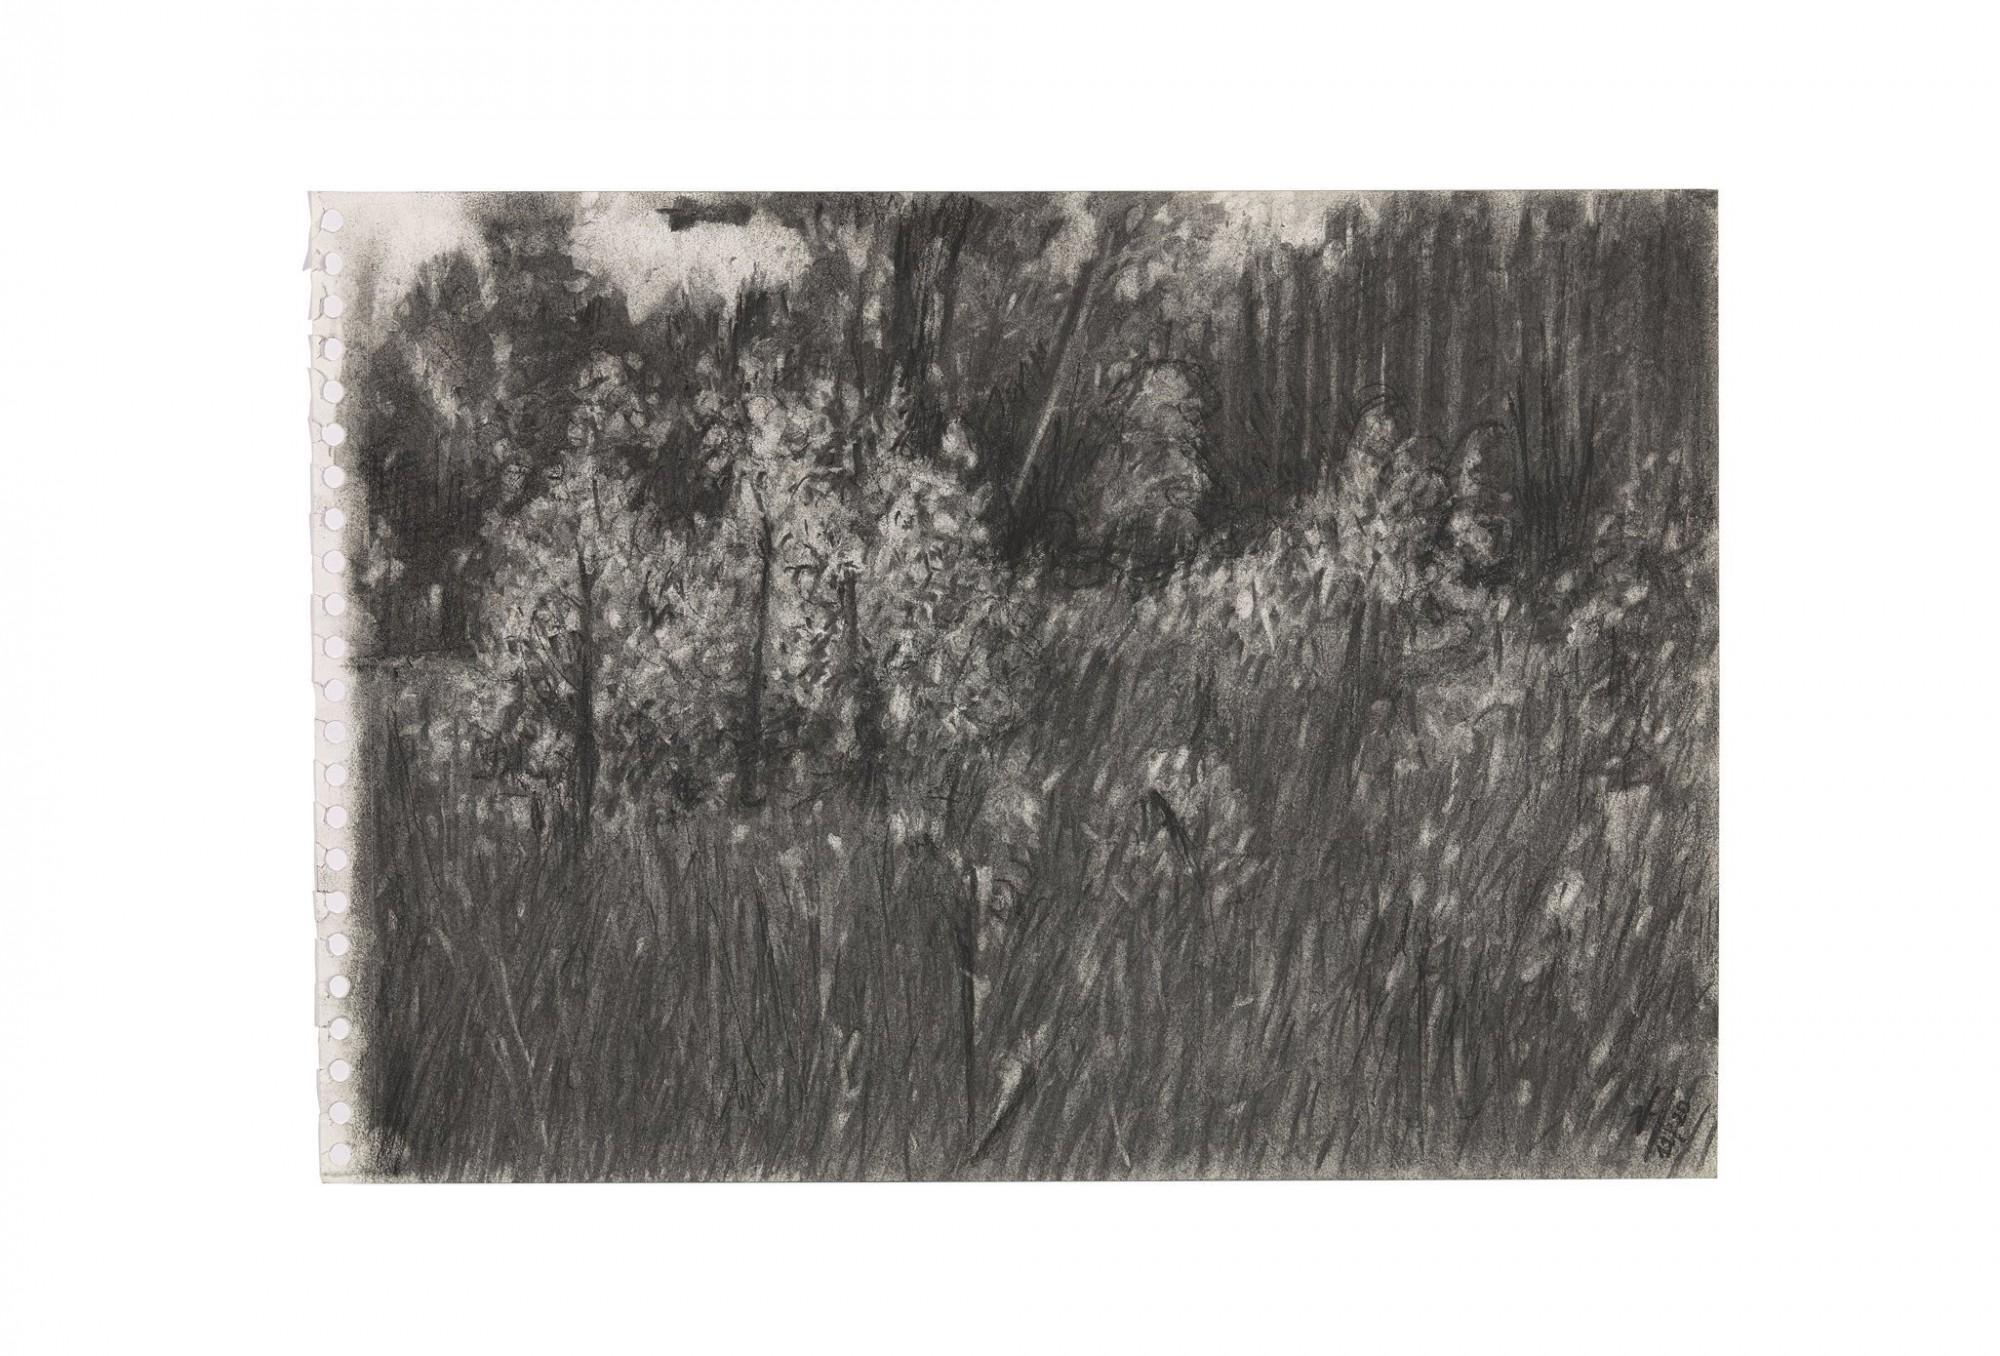 Afbeelding: Houtskooltekening H11_11_2020 - jonge berken in herfst licht  - Wortel Kolonie